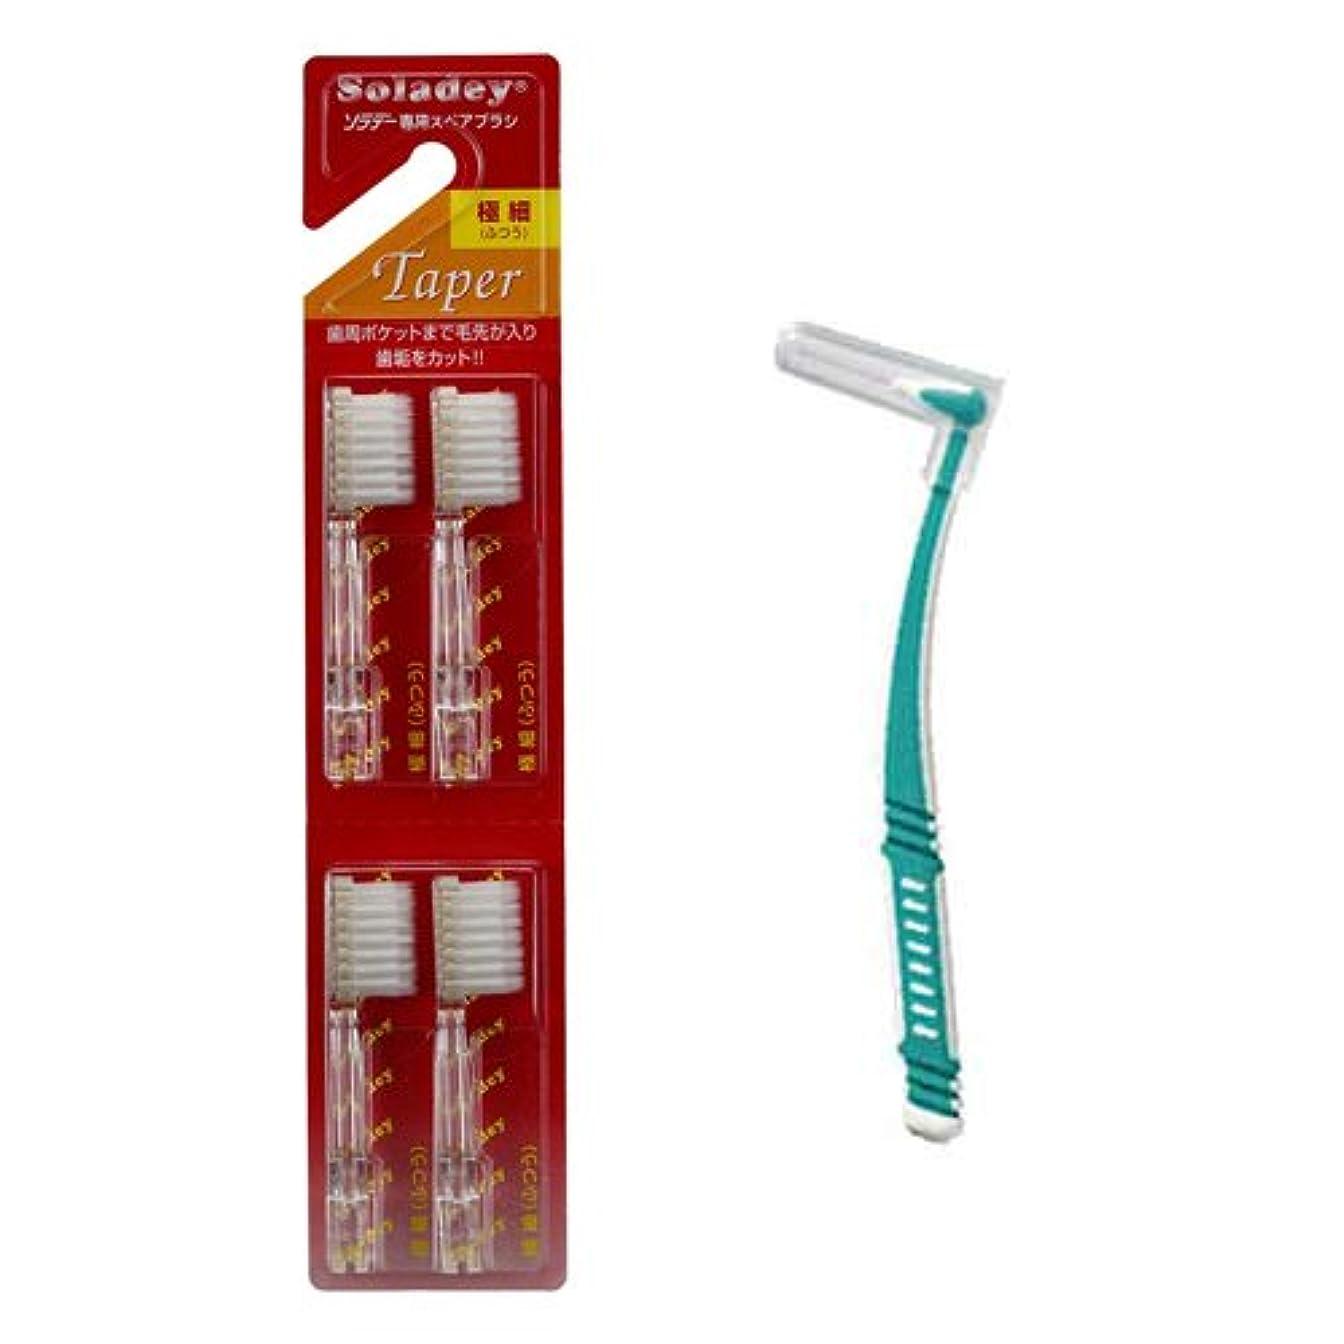 呼吸する気質チャットシケン ソラデー専用スペアブラシ 極細(ふつう) + L字歯間ブラシ セット